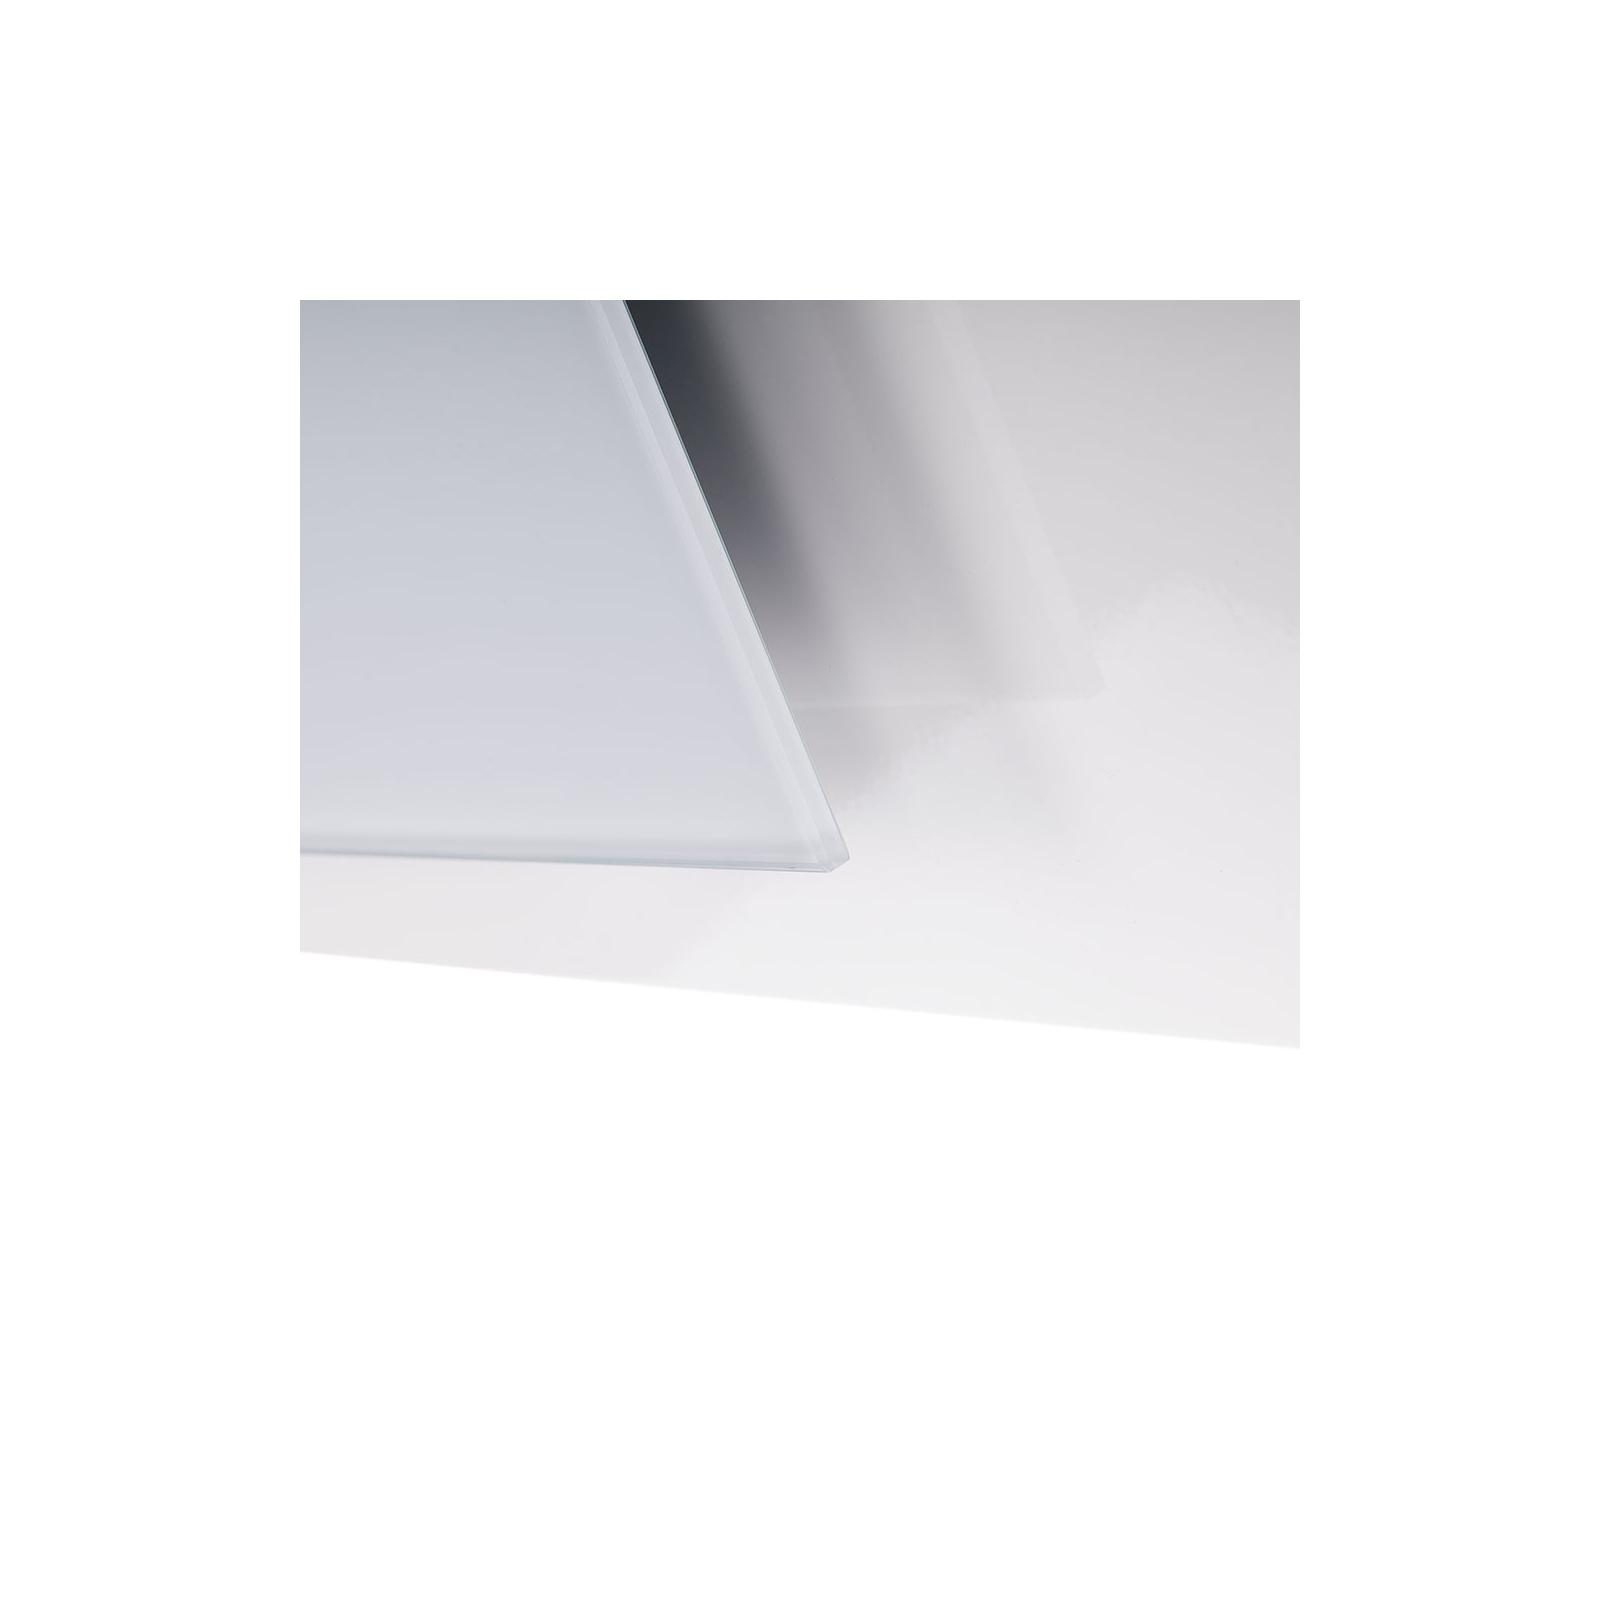 Вытяжка кухонная PYRAMIDA NR-MV 60 M WH изображение 8